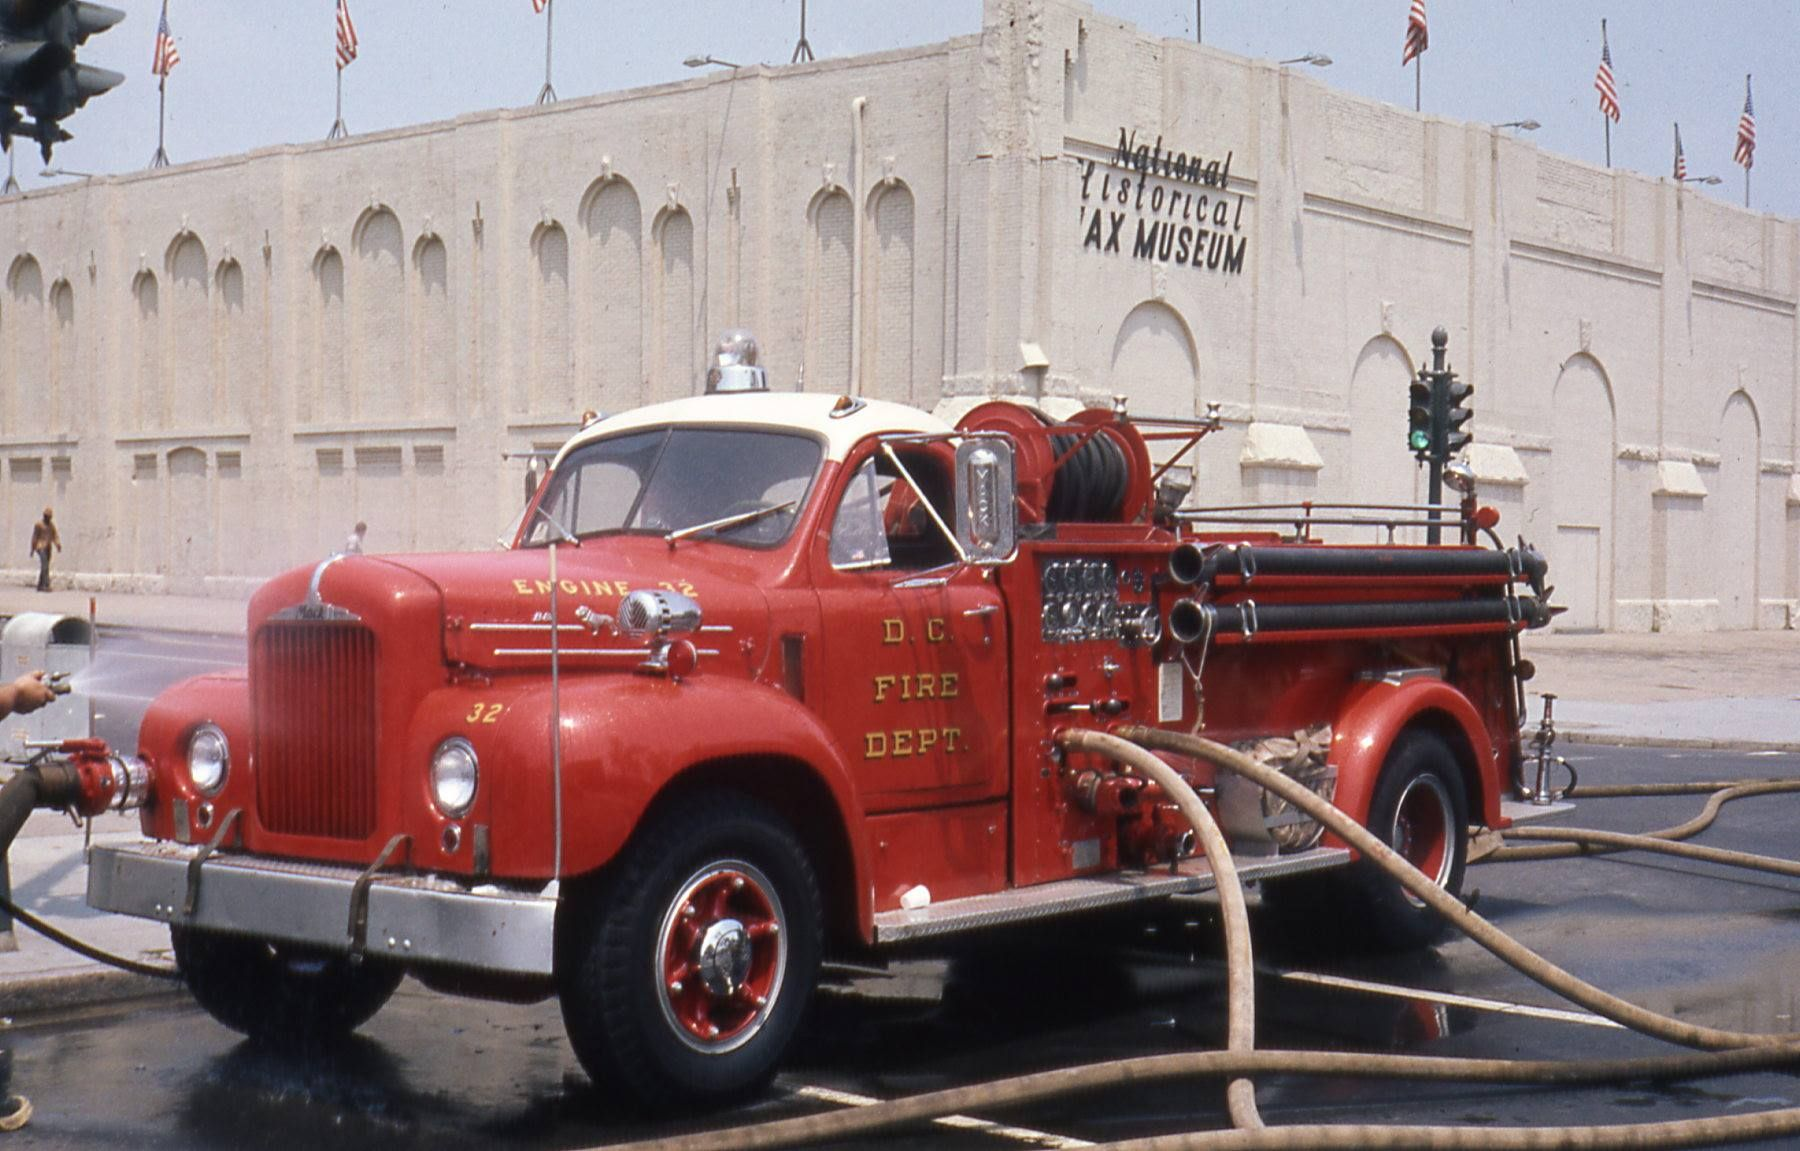 Washington D C Fire Department 1957 Mack B Fire Trucks Fire Apparatus Fire Dept